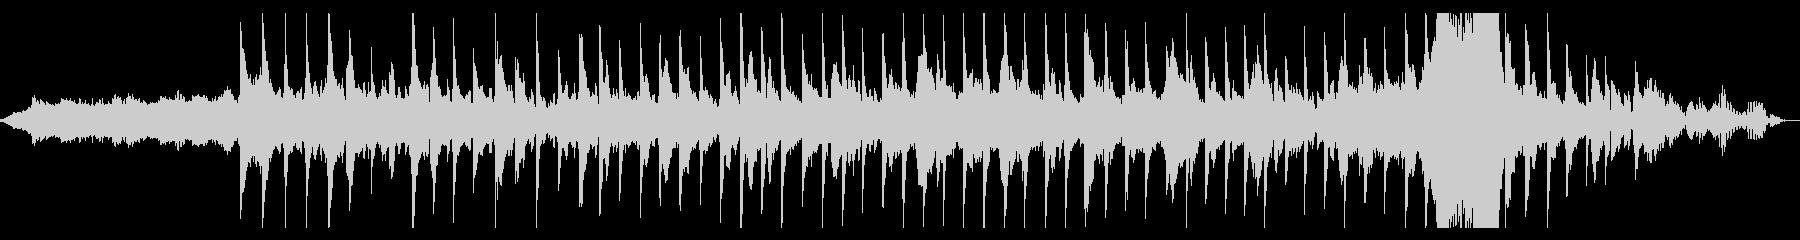 幻想的ギターエレクトロニカアンビエントの未再生の波形